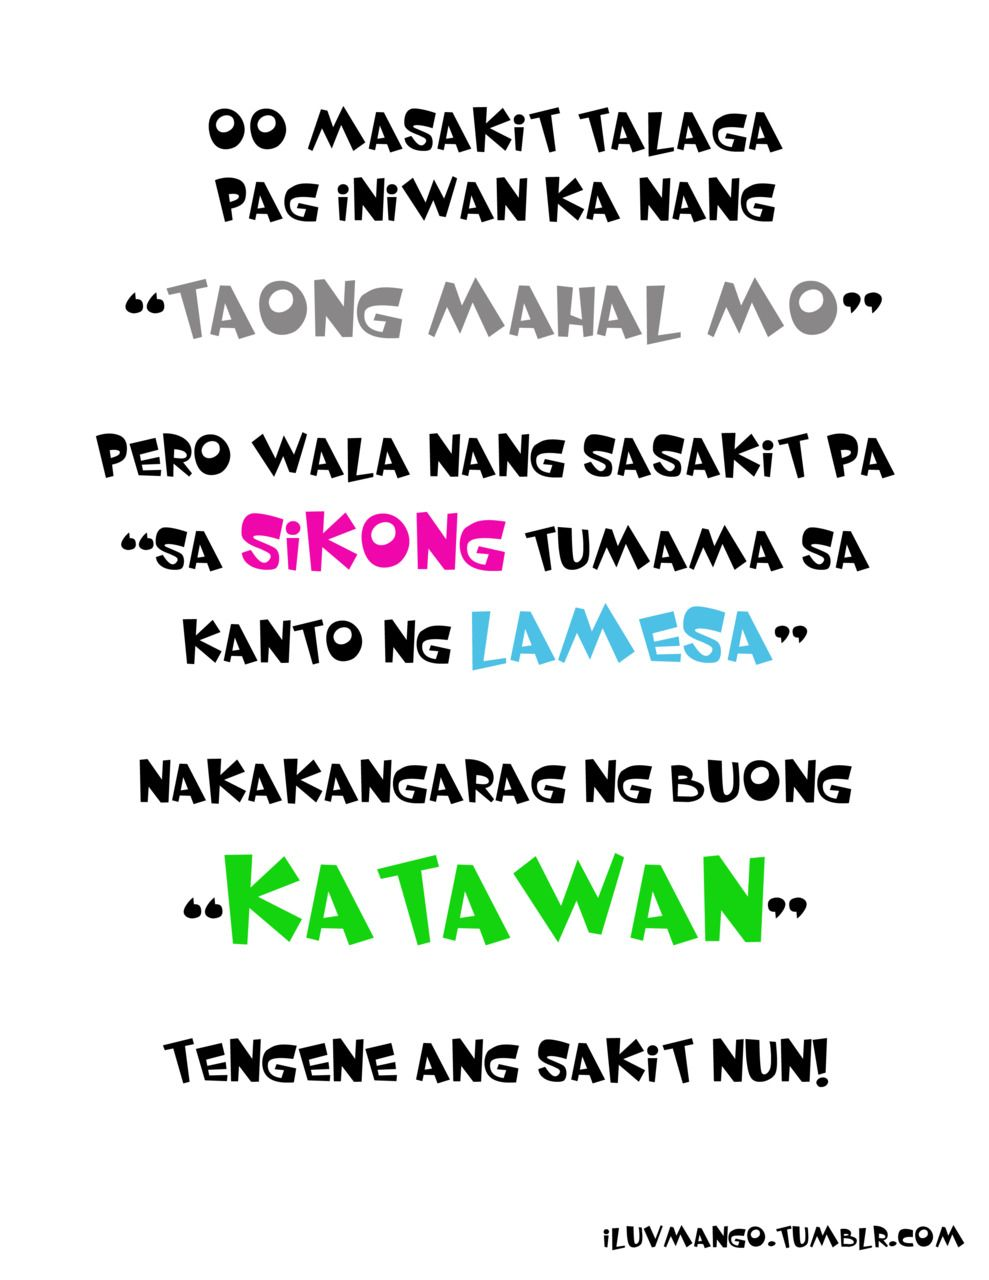 Joke quotes tagalog 2012